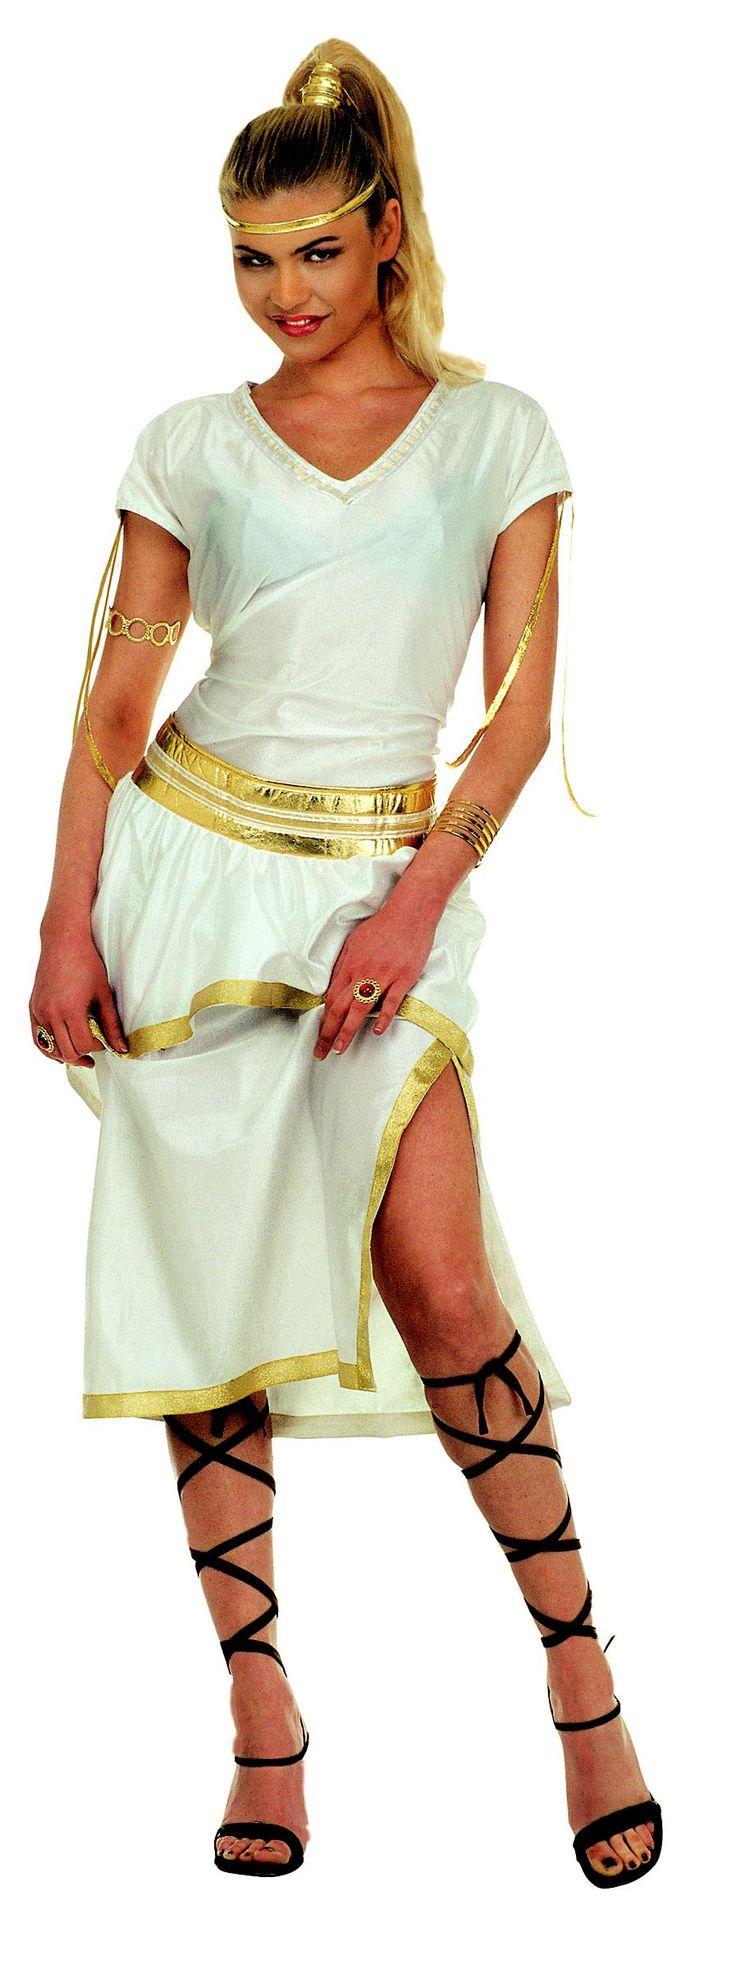 Griekse godin pak voor dames : Volwassenen Kostuums, en goedkope carnavalskleding - Vegaoo